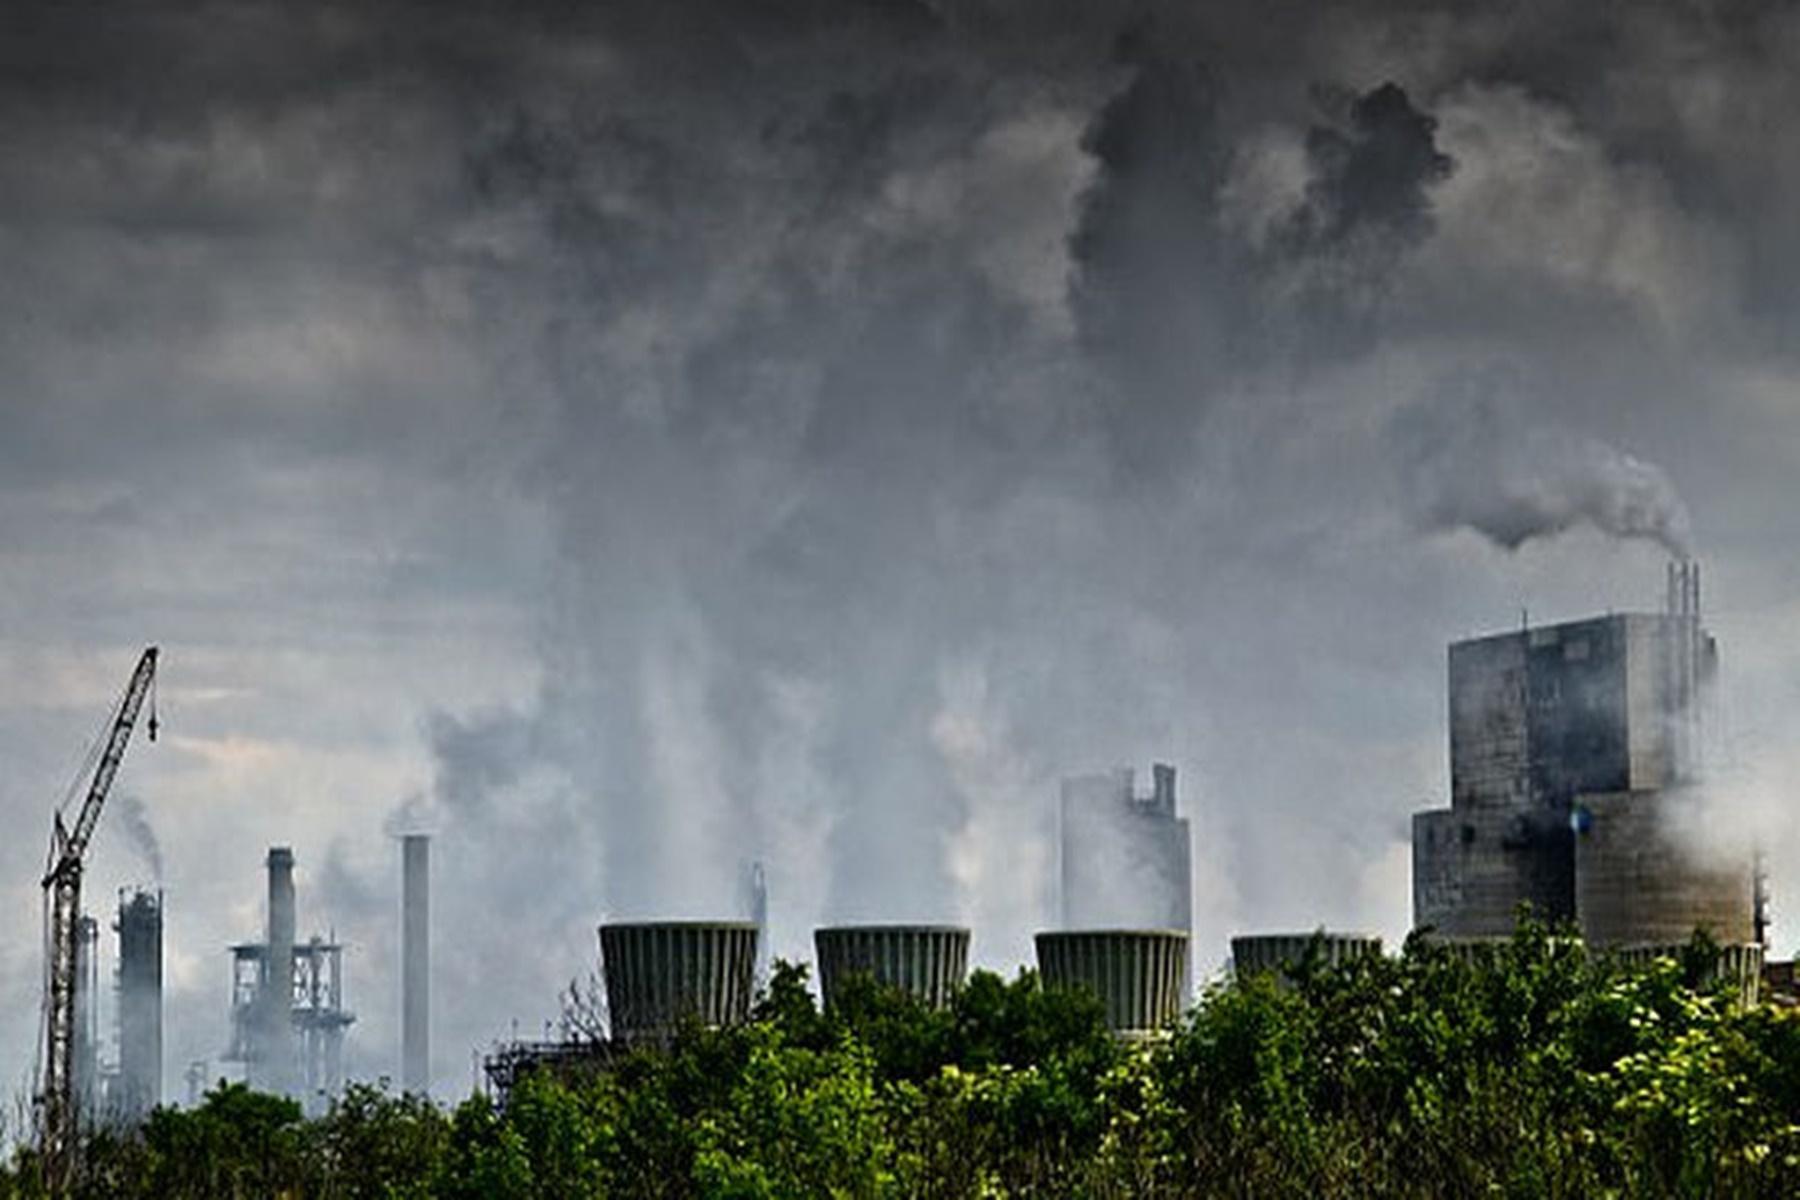 Ατμοσφαιρική ρύπανση : Είναι υπεύθυνη για την αύξηση του Αλτσχάιμερ